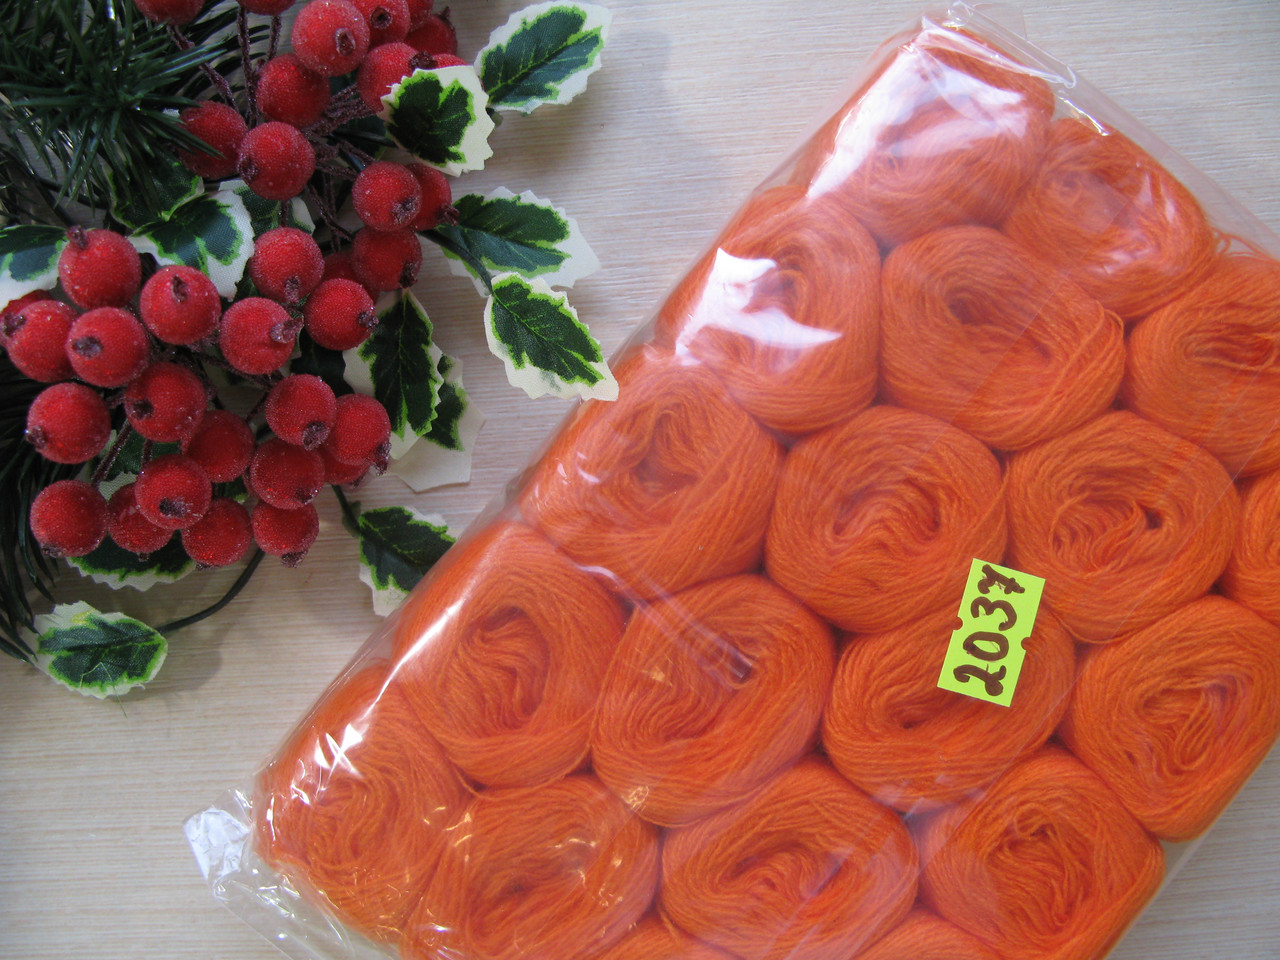 Нитки акриловые цвет оранжевый - 5 грн моток